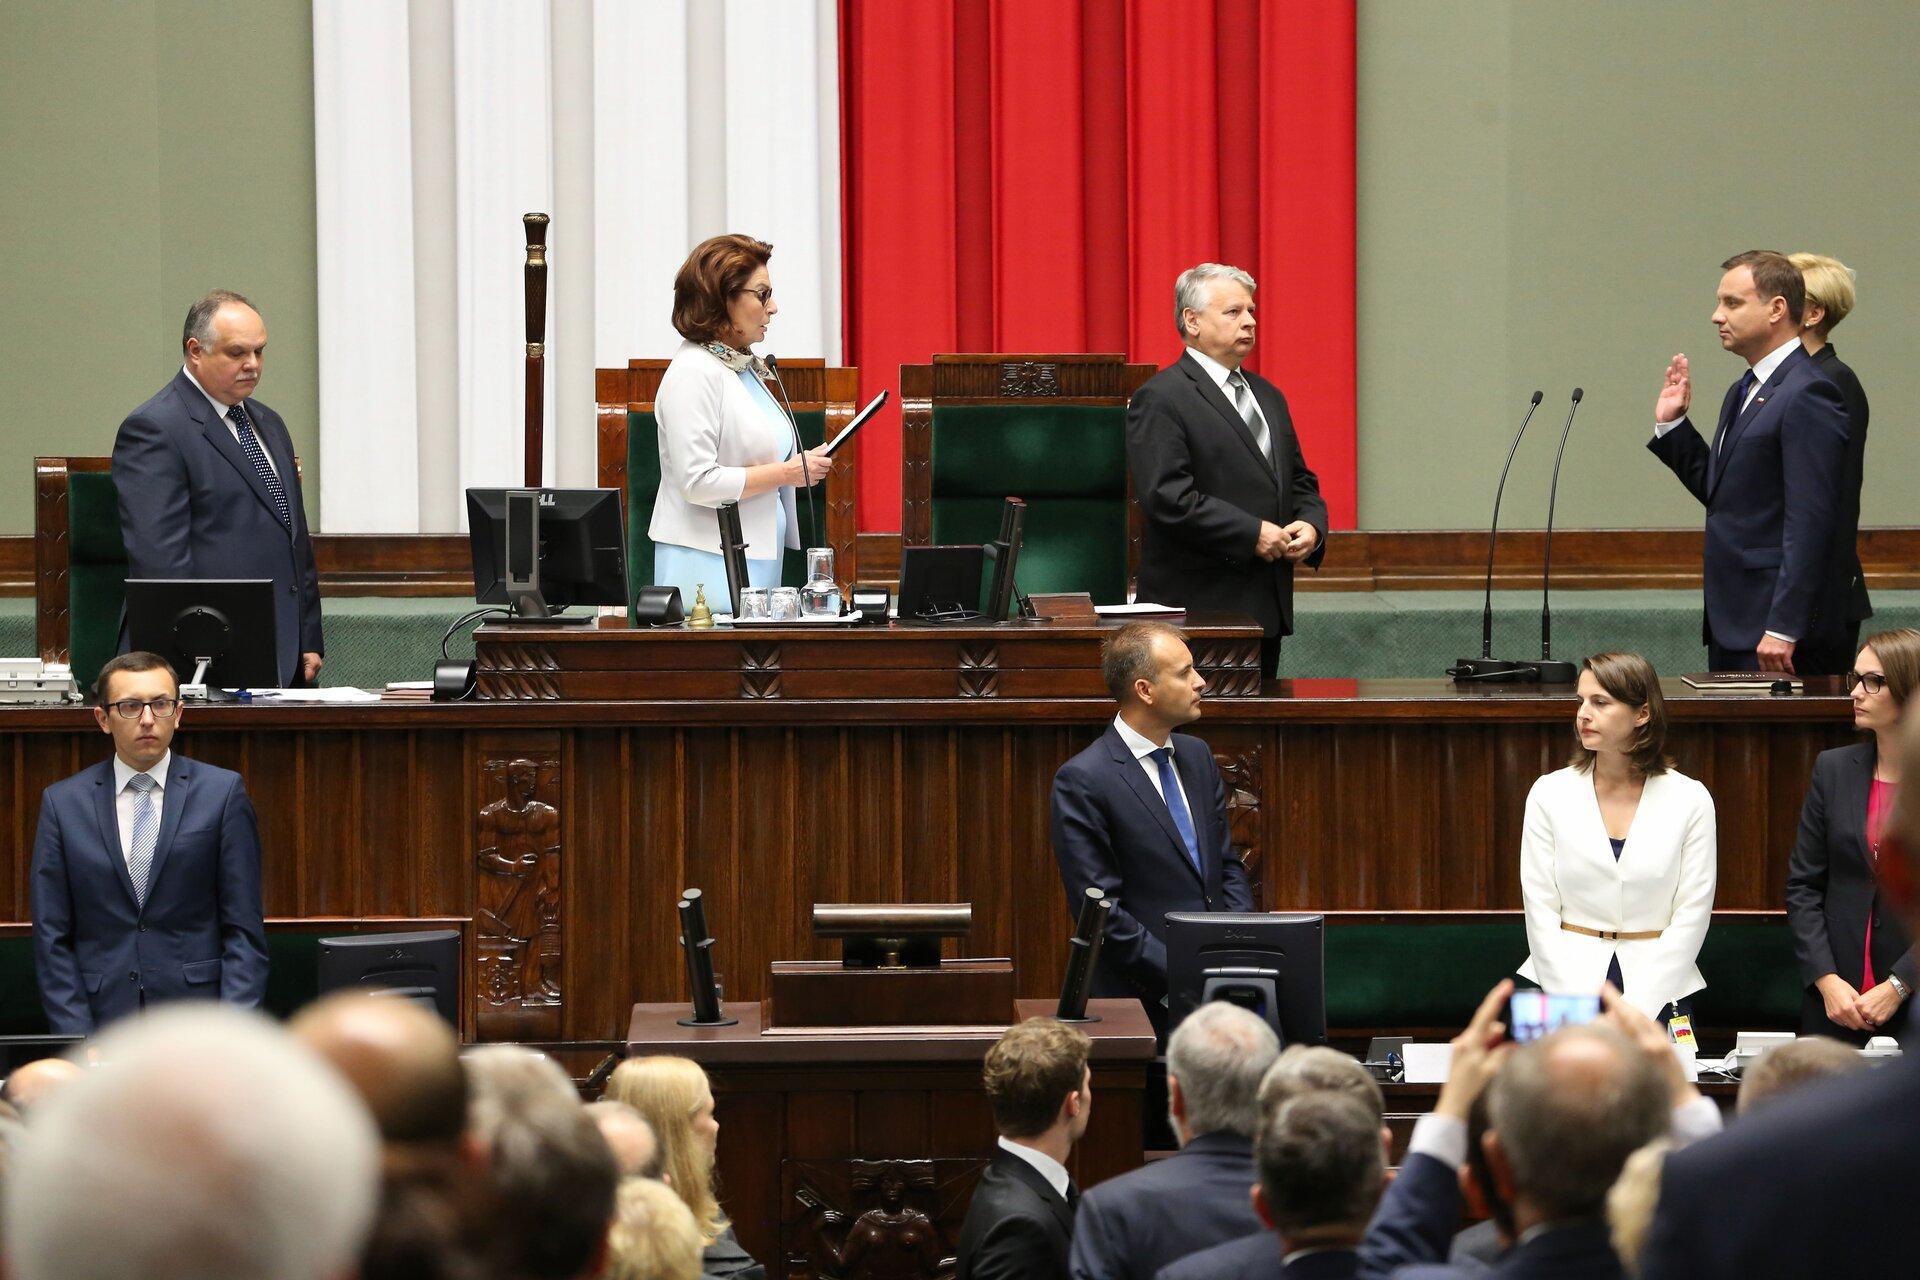 Andrzej Duda składający przysięgę przed Zgromadzeniem Narodowym Źródło: Senat Rzeczypospolitej Polskiej, Andrzej Duda składający przysięgę przed Zgromadzeniem Narodowym, licencja: CC BY-SA 3.0.